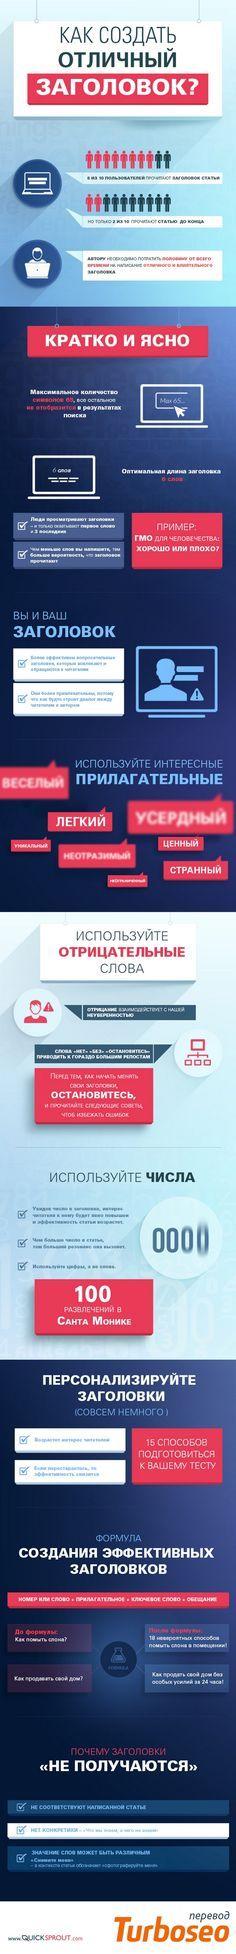 Олеся Шульцева: Комикс о том, как написать отличный заголовок #infographic http://turboseo.net.ua/blogue/Write-incredible-titles-headlines.htm via @Turboseo_ua